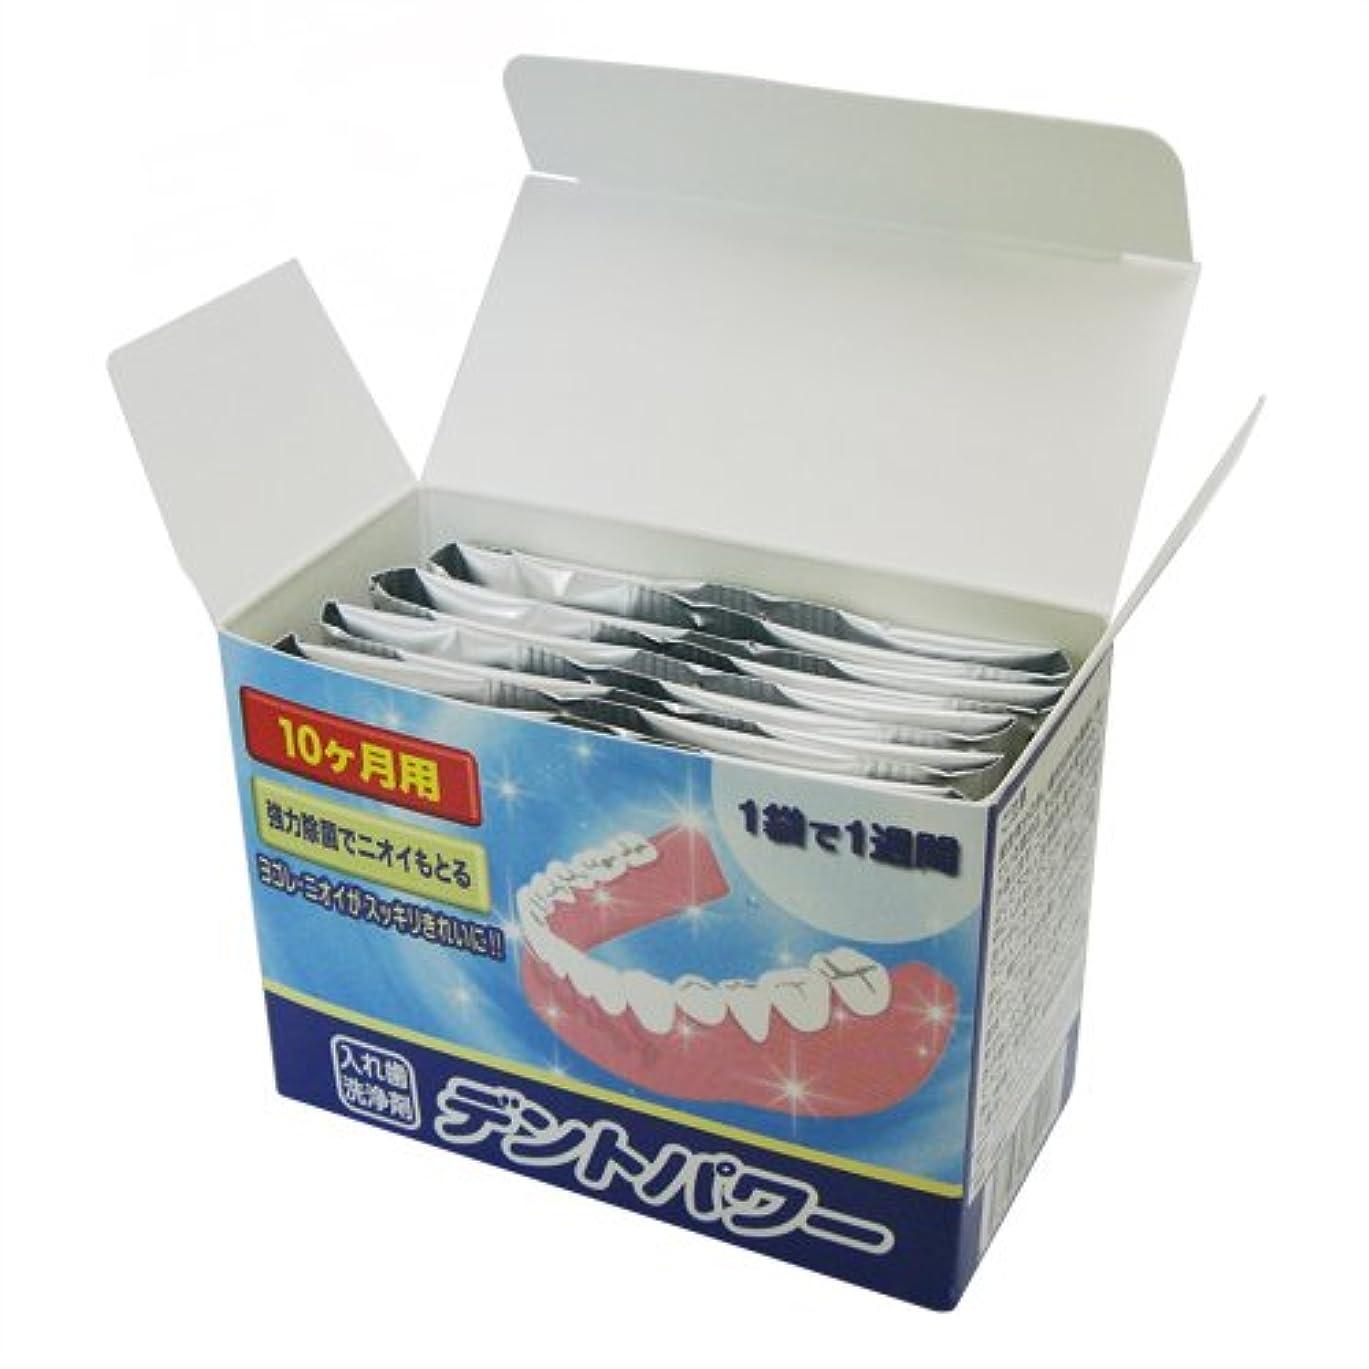 意見リンケージ作りデントパワー 入れ歯洗浄剤 10ヵ月用(専用ケース無し)